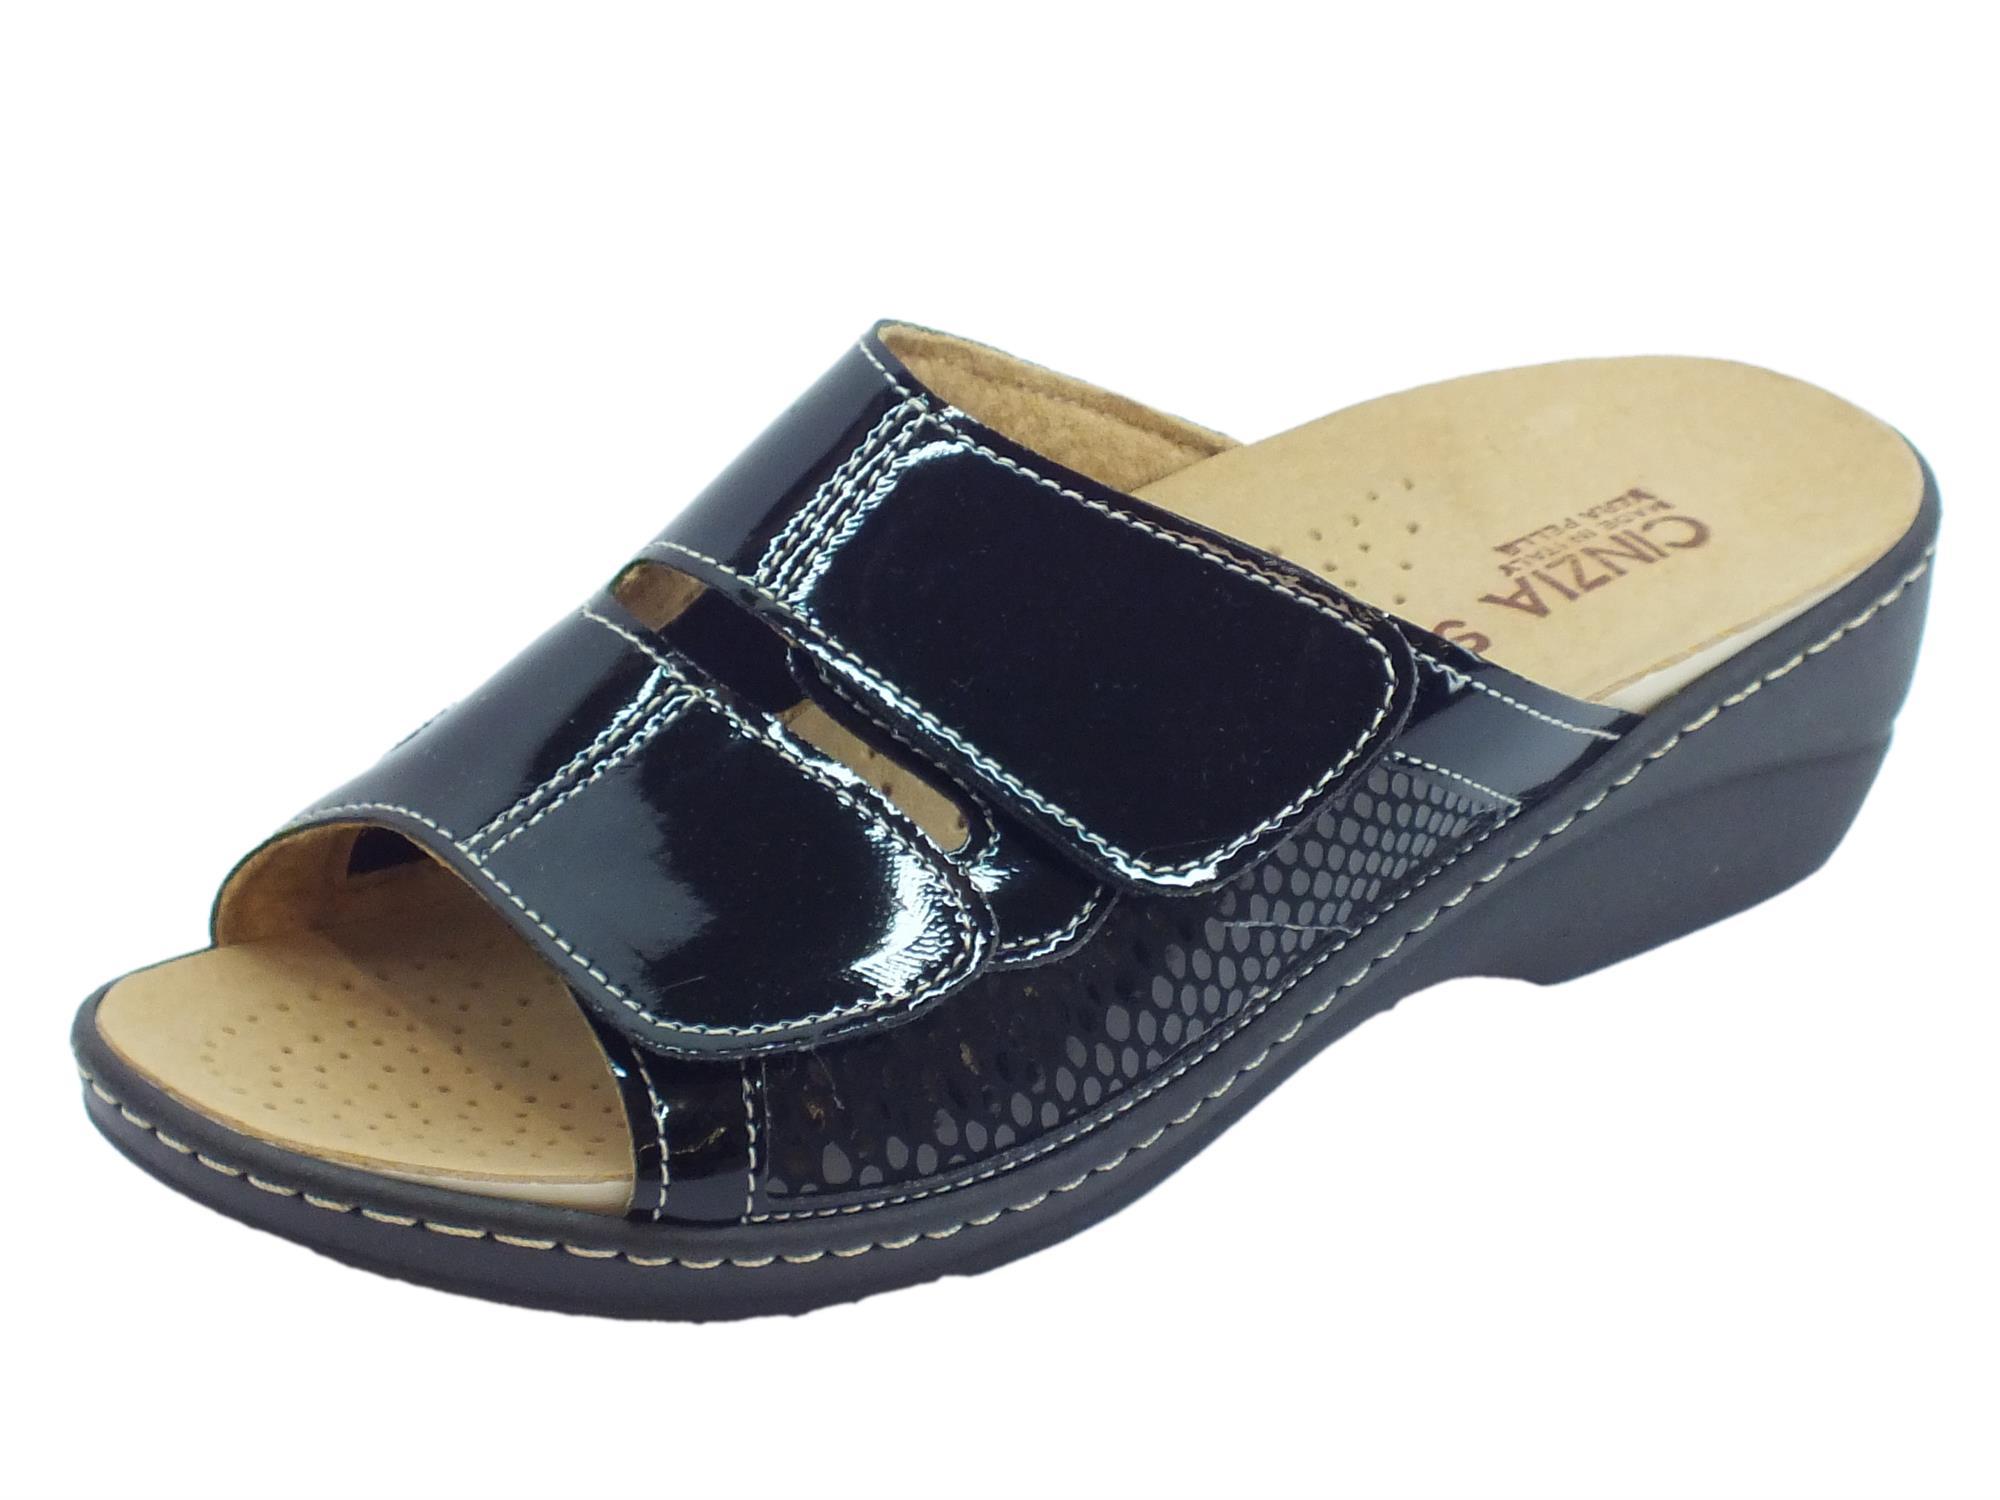 Ciabatte Cinzia Soft in vernice nero sottopiede estraibile doppio strappo 9533454292b